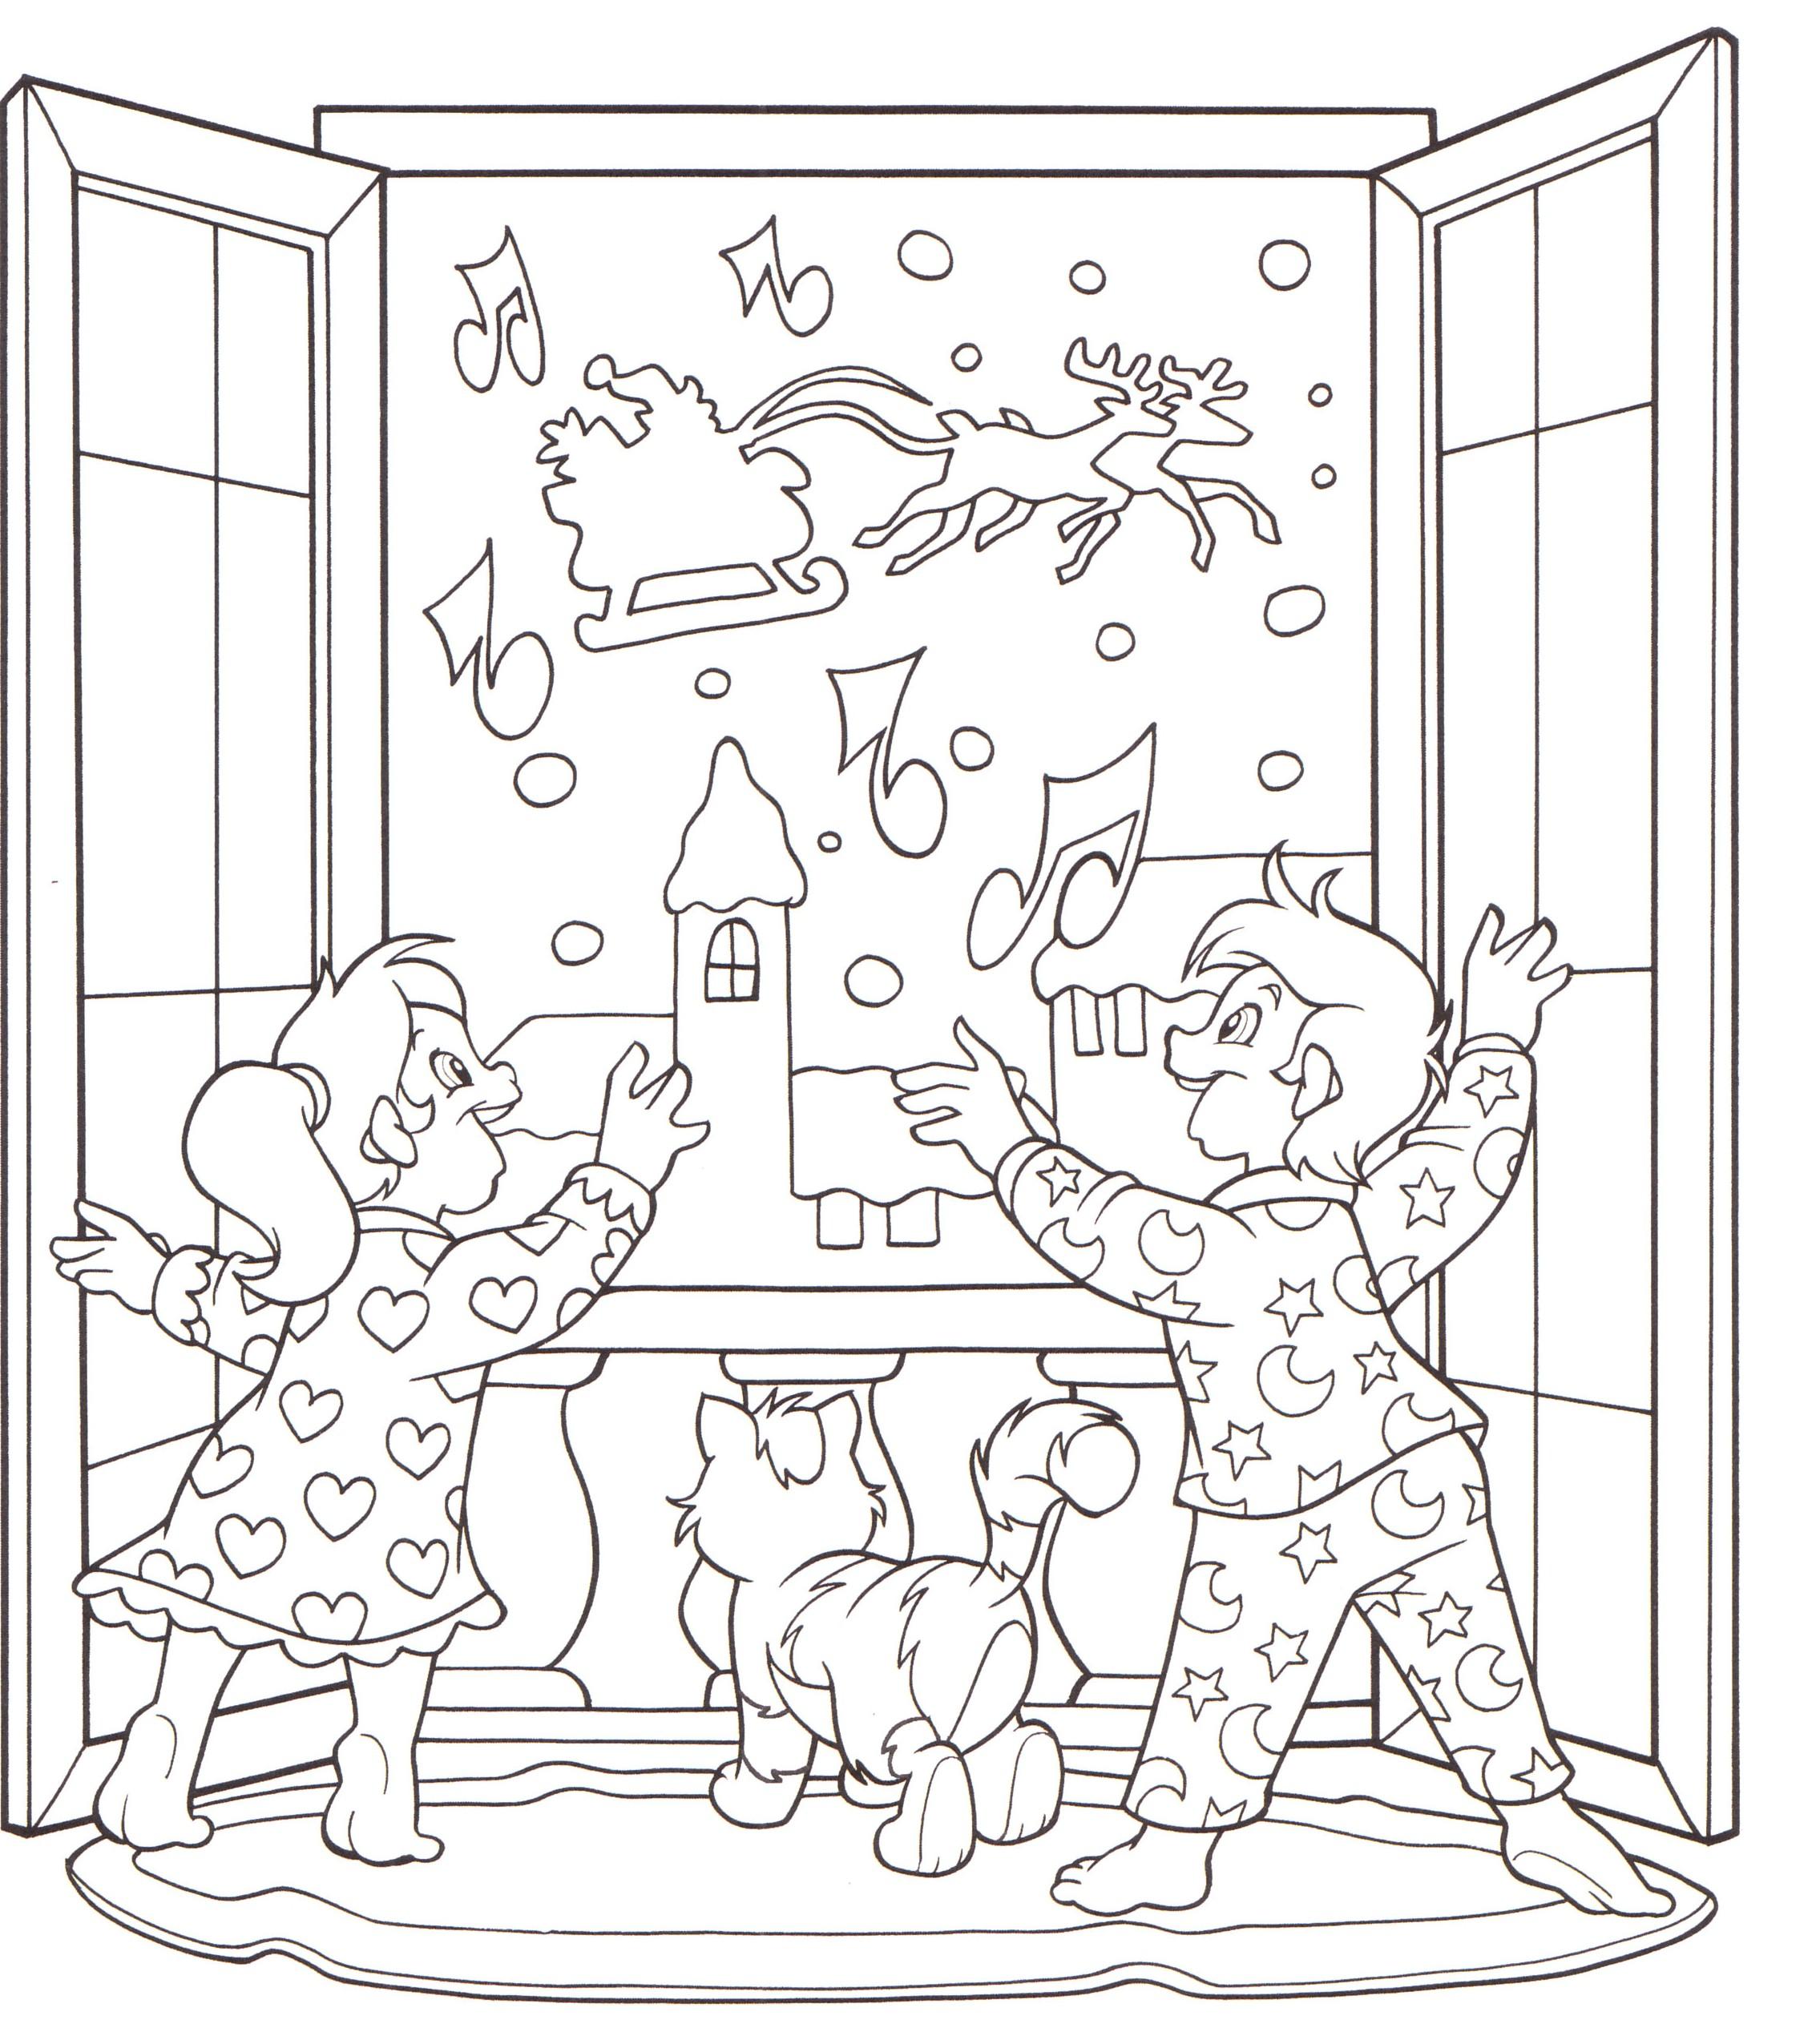 Vacanze con i bambini disegni da stampare e colorare - Finestra da colorare ...